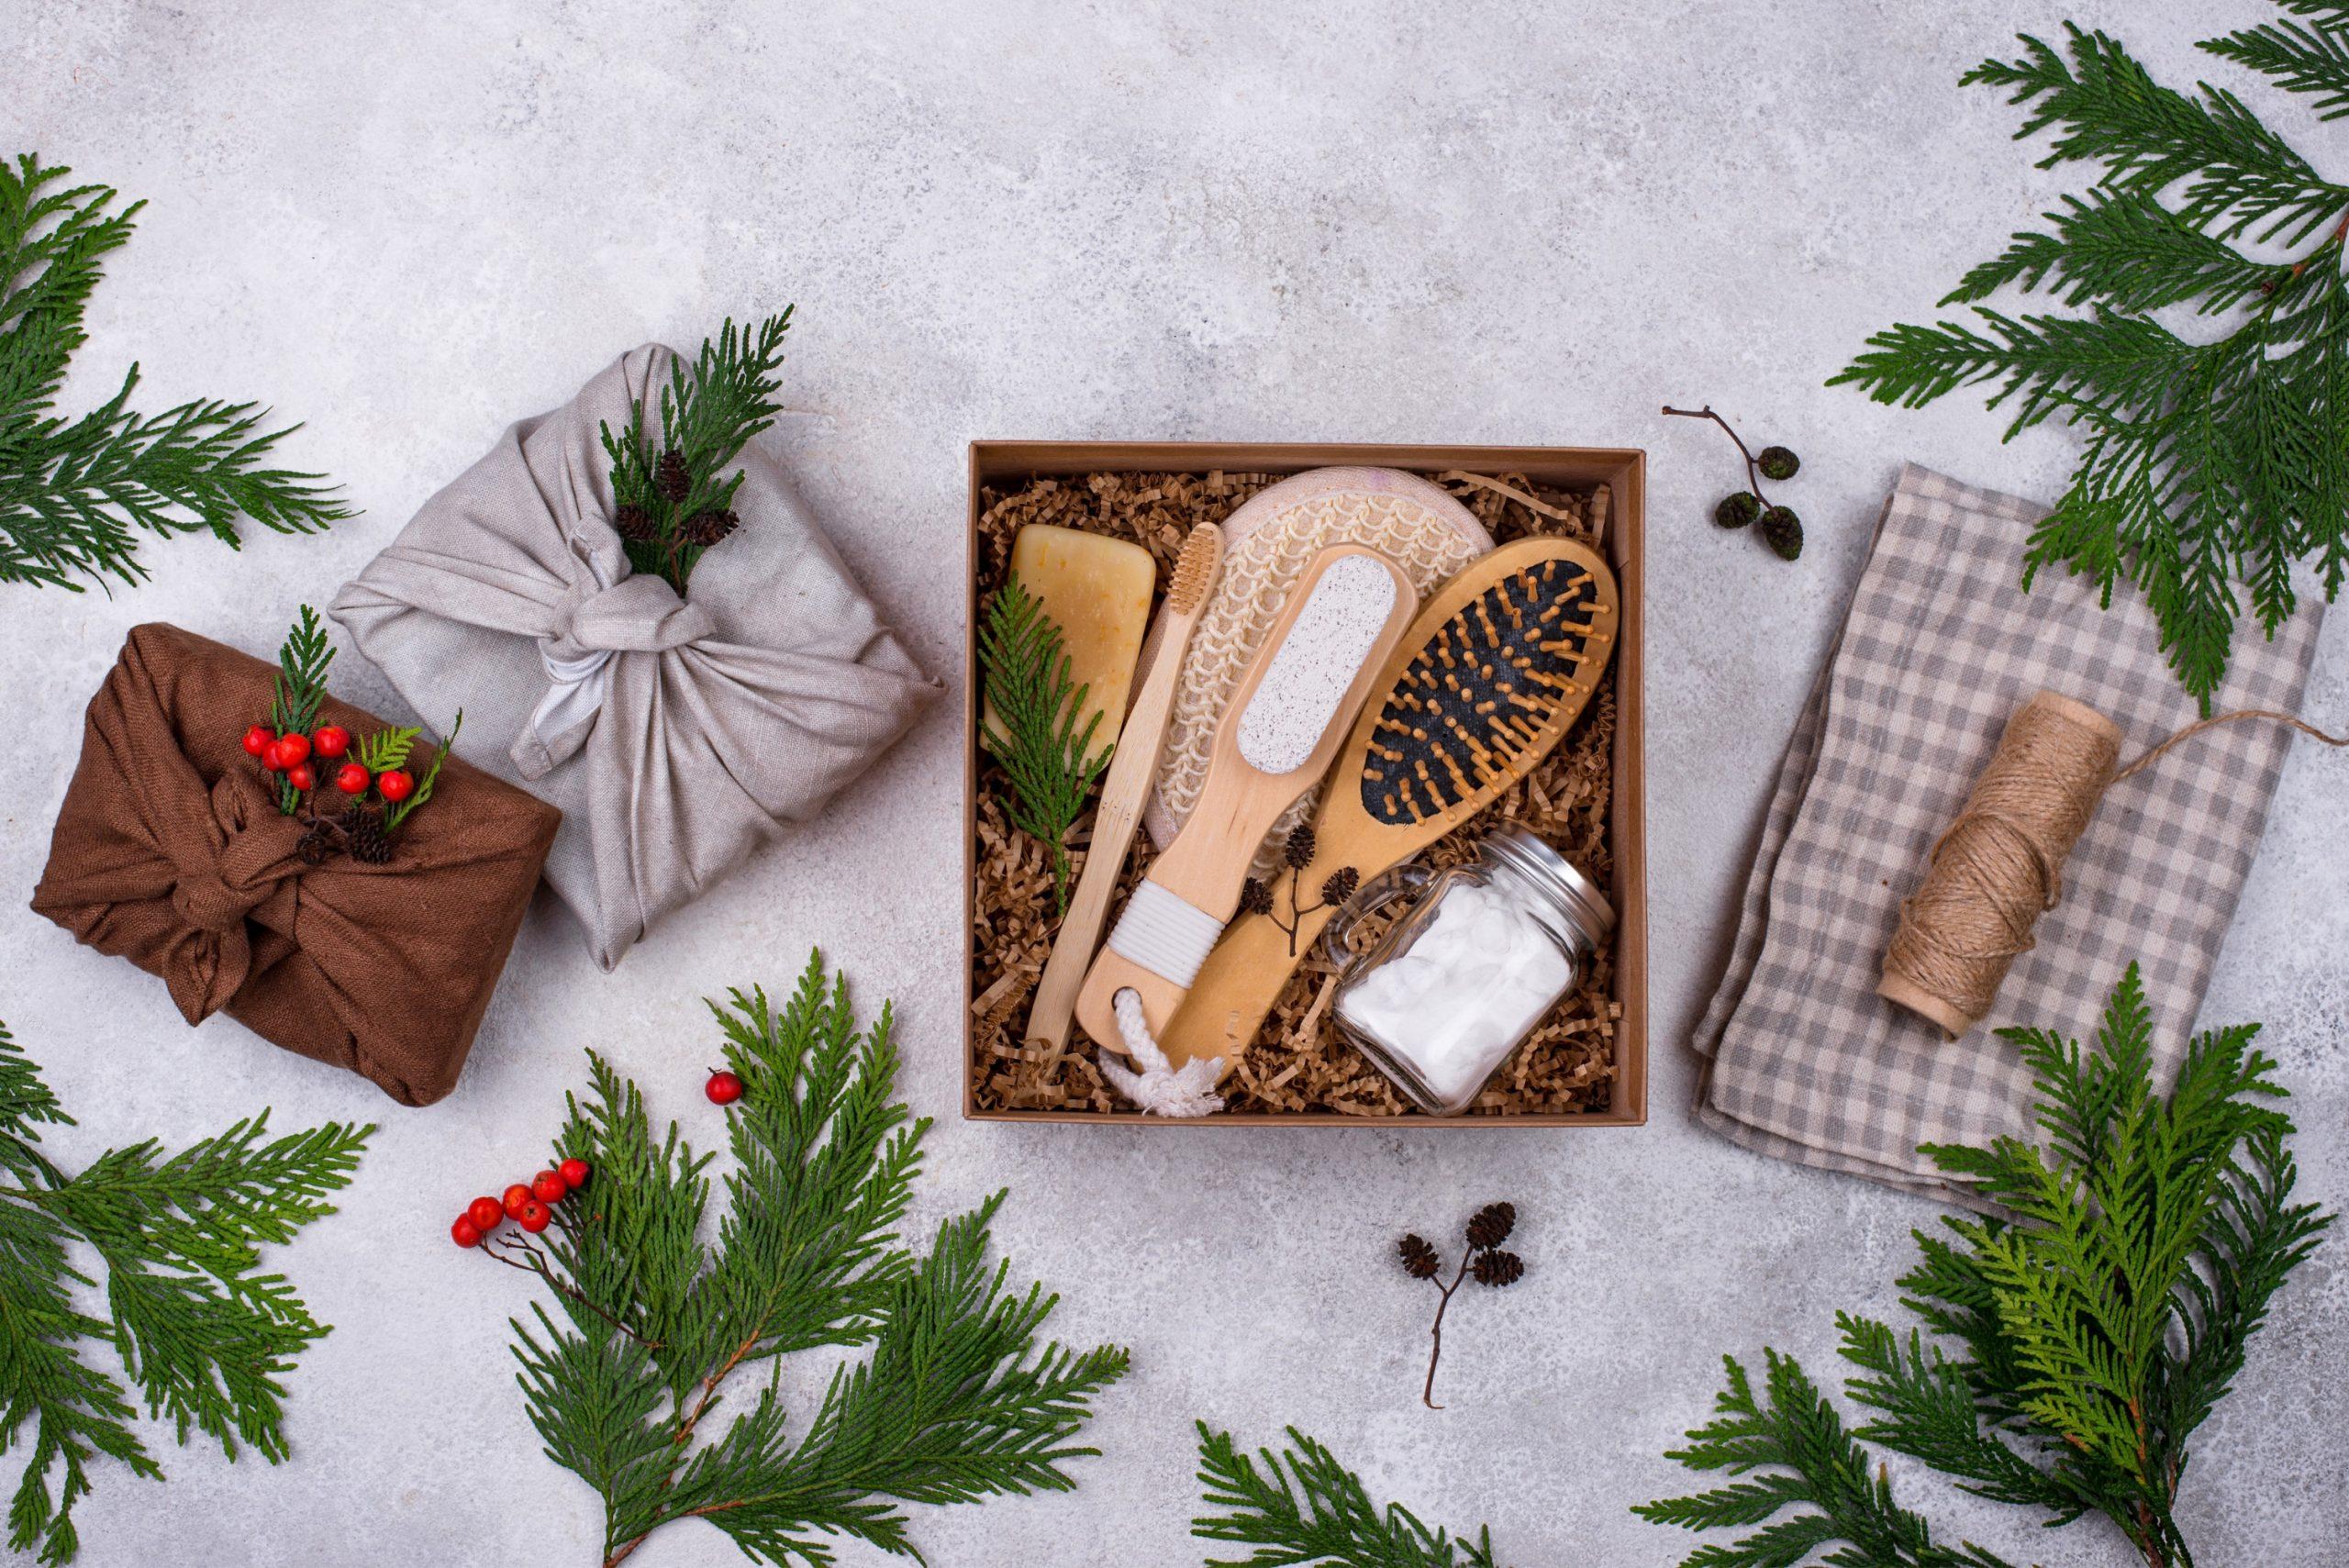 Niekoľko ekologických darčekov v udržateľnom balení. V krabičke je kefa, zubná kefka, solľ do kúpea. Okolo je poukladaných niekoľko vetvičiek.